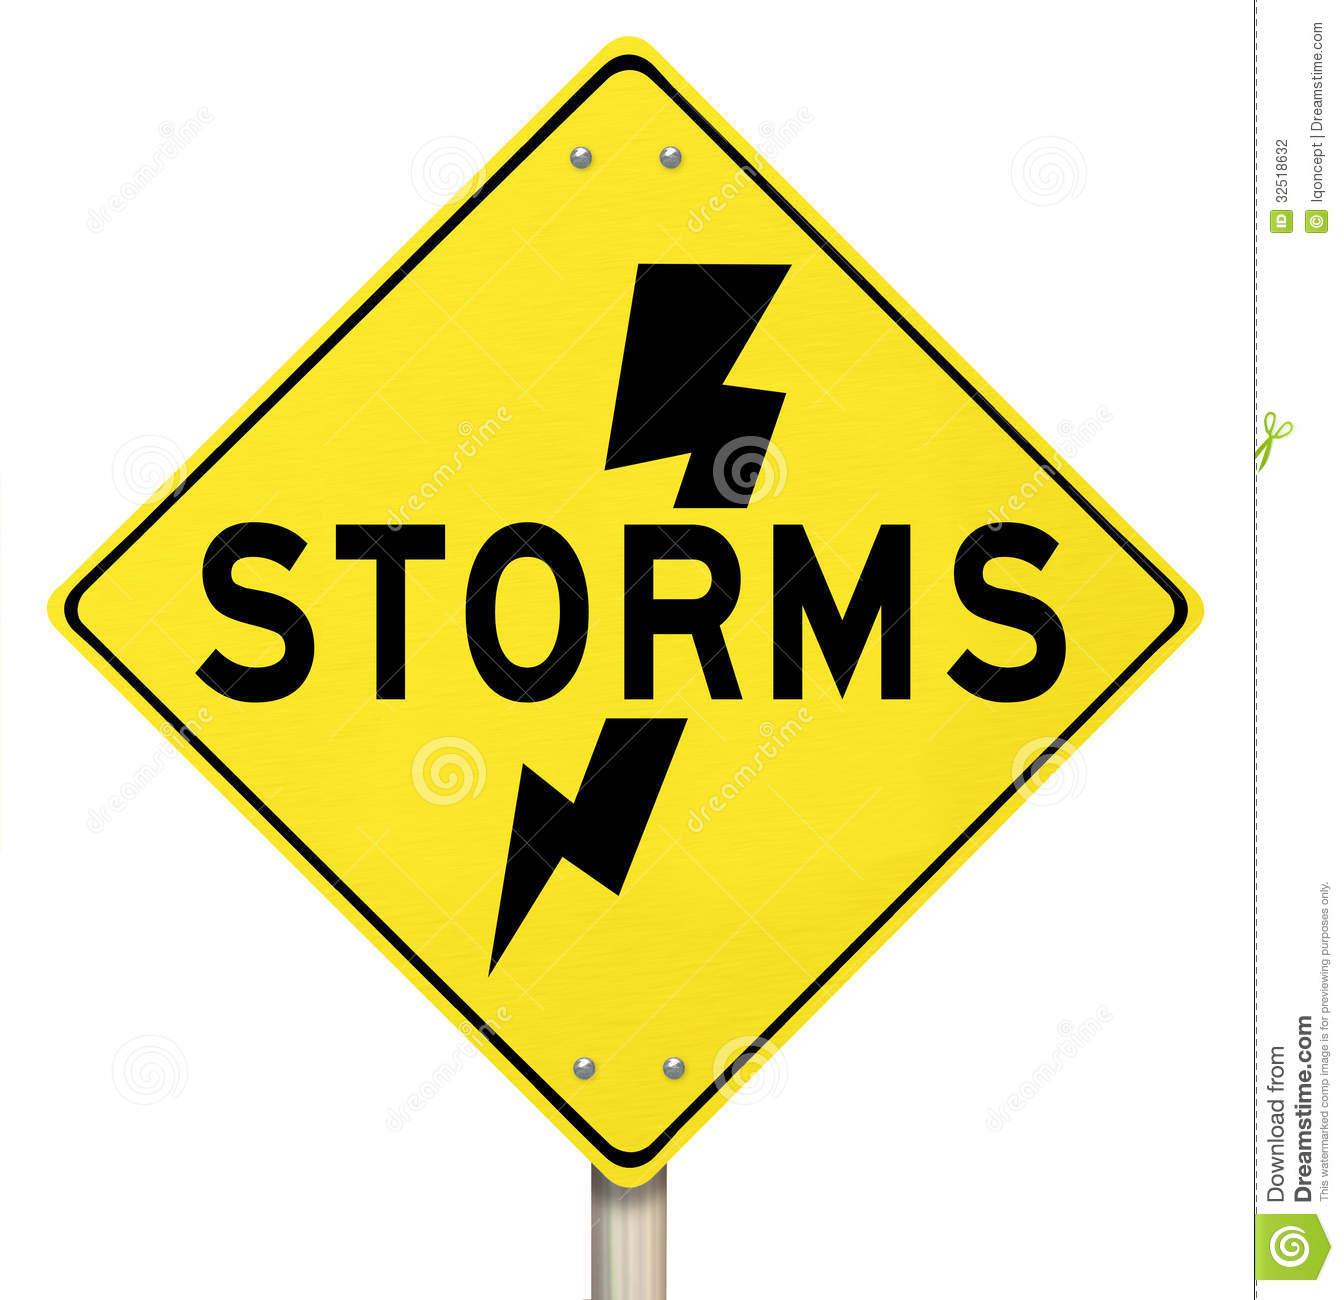 Thunderstorm clipart rainstorm Rainstorm%20clipart Free Clipart Images Clipart